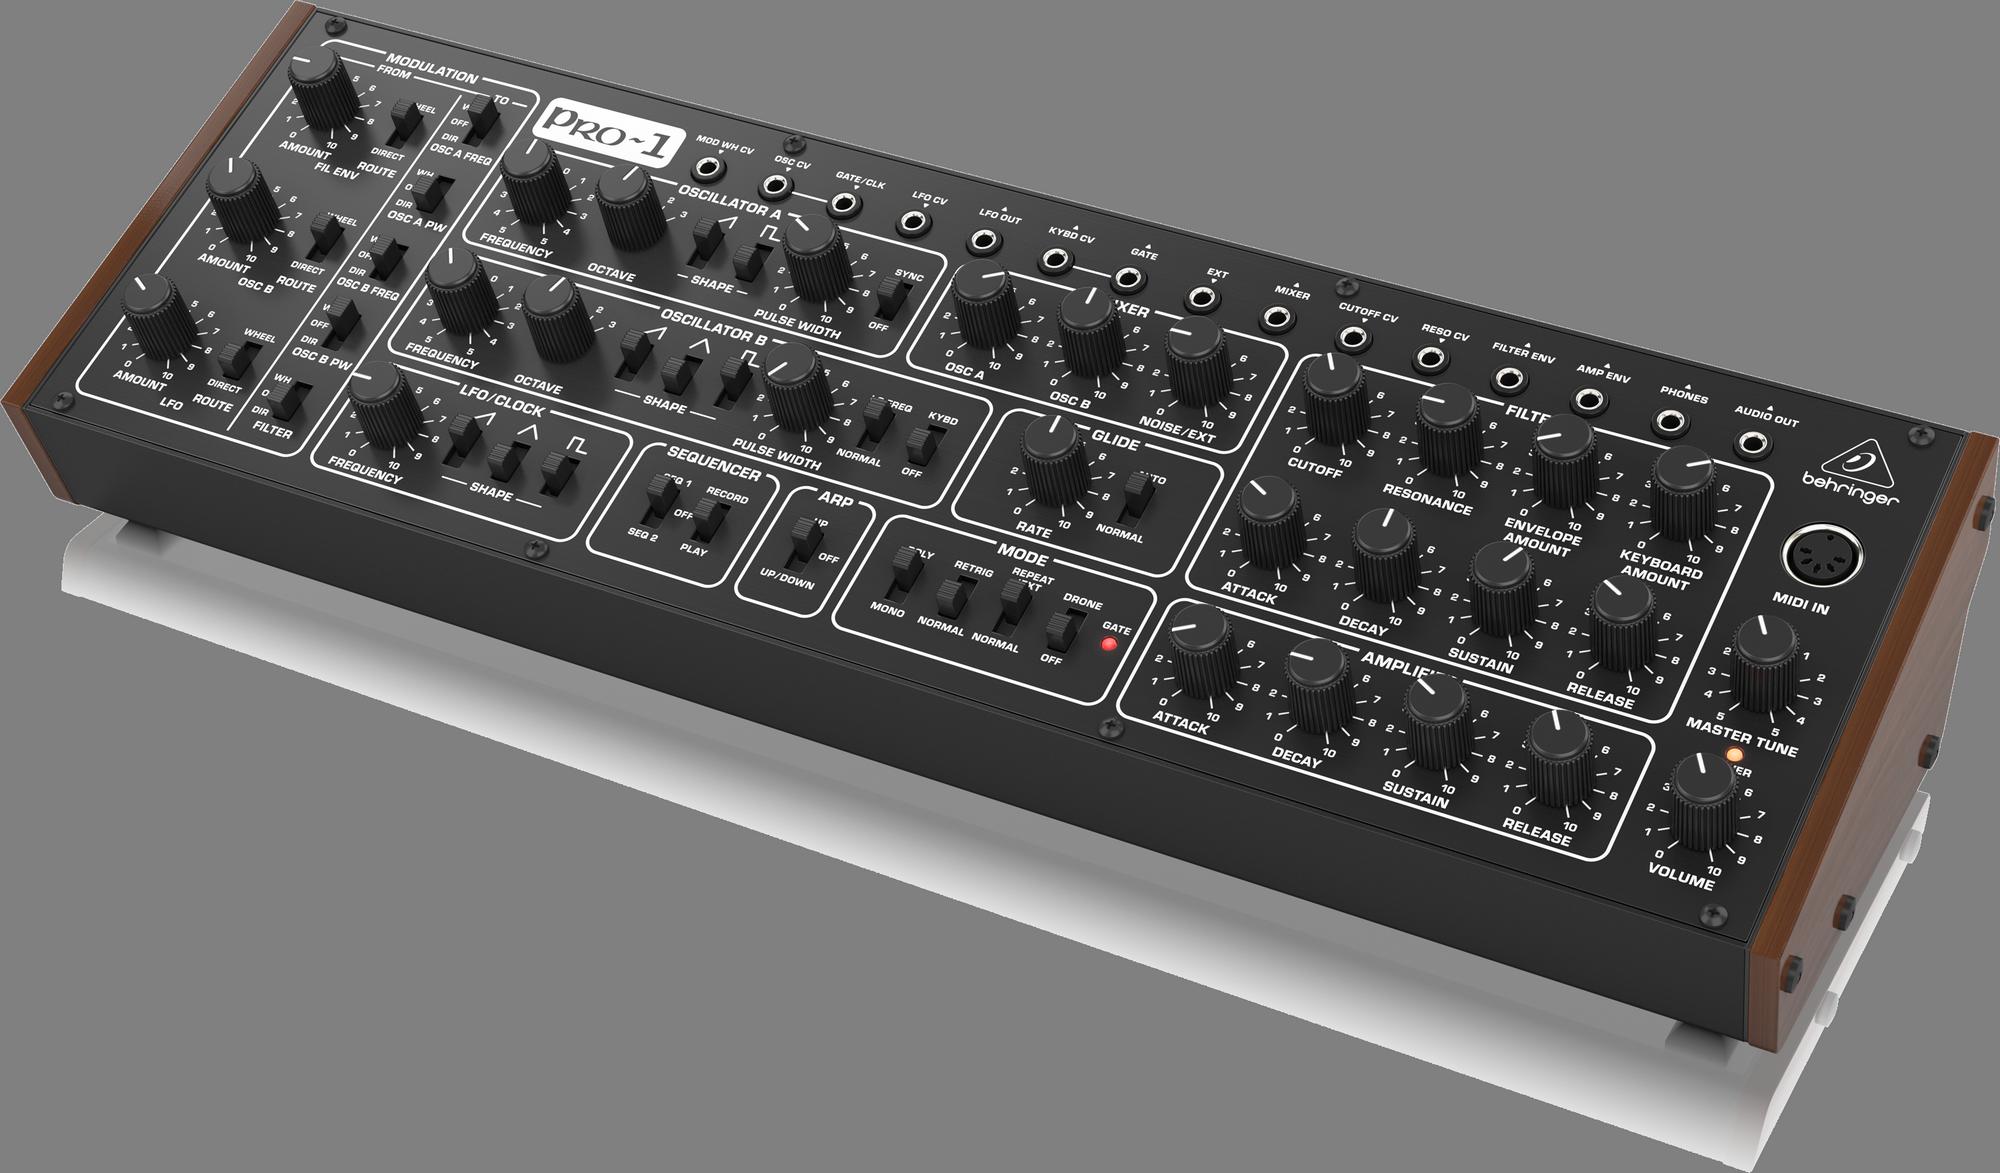 Behringer PRO-1 - Analoge Synthesizer